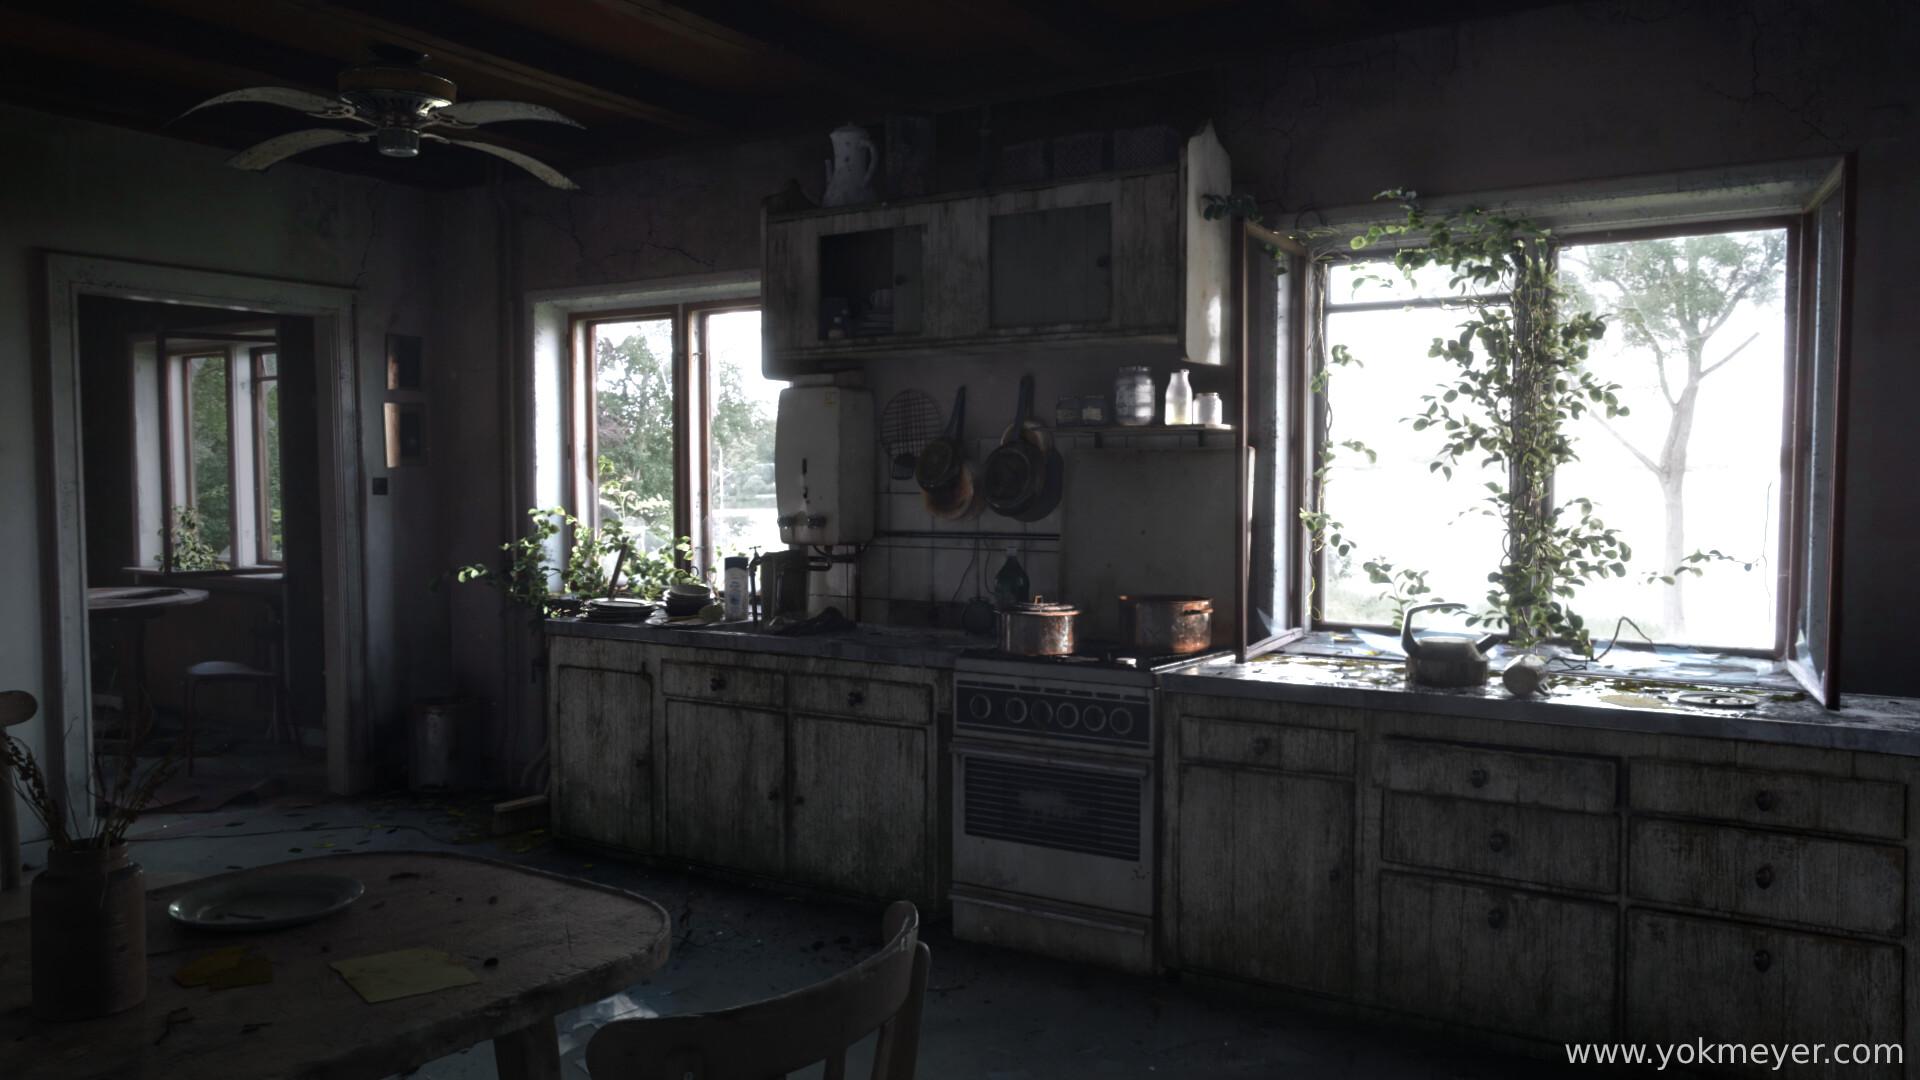 Yok meyer kitchen